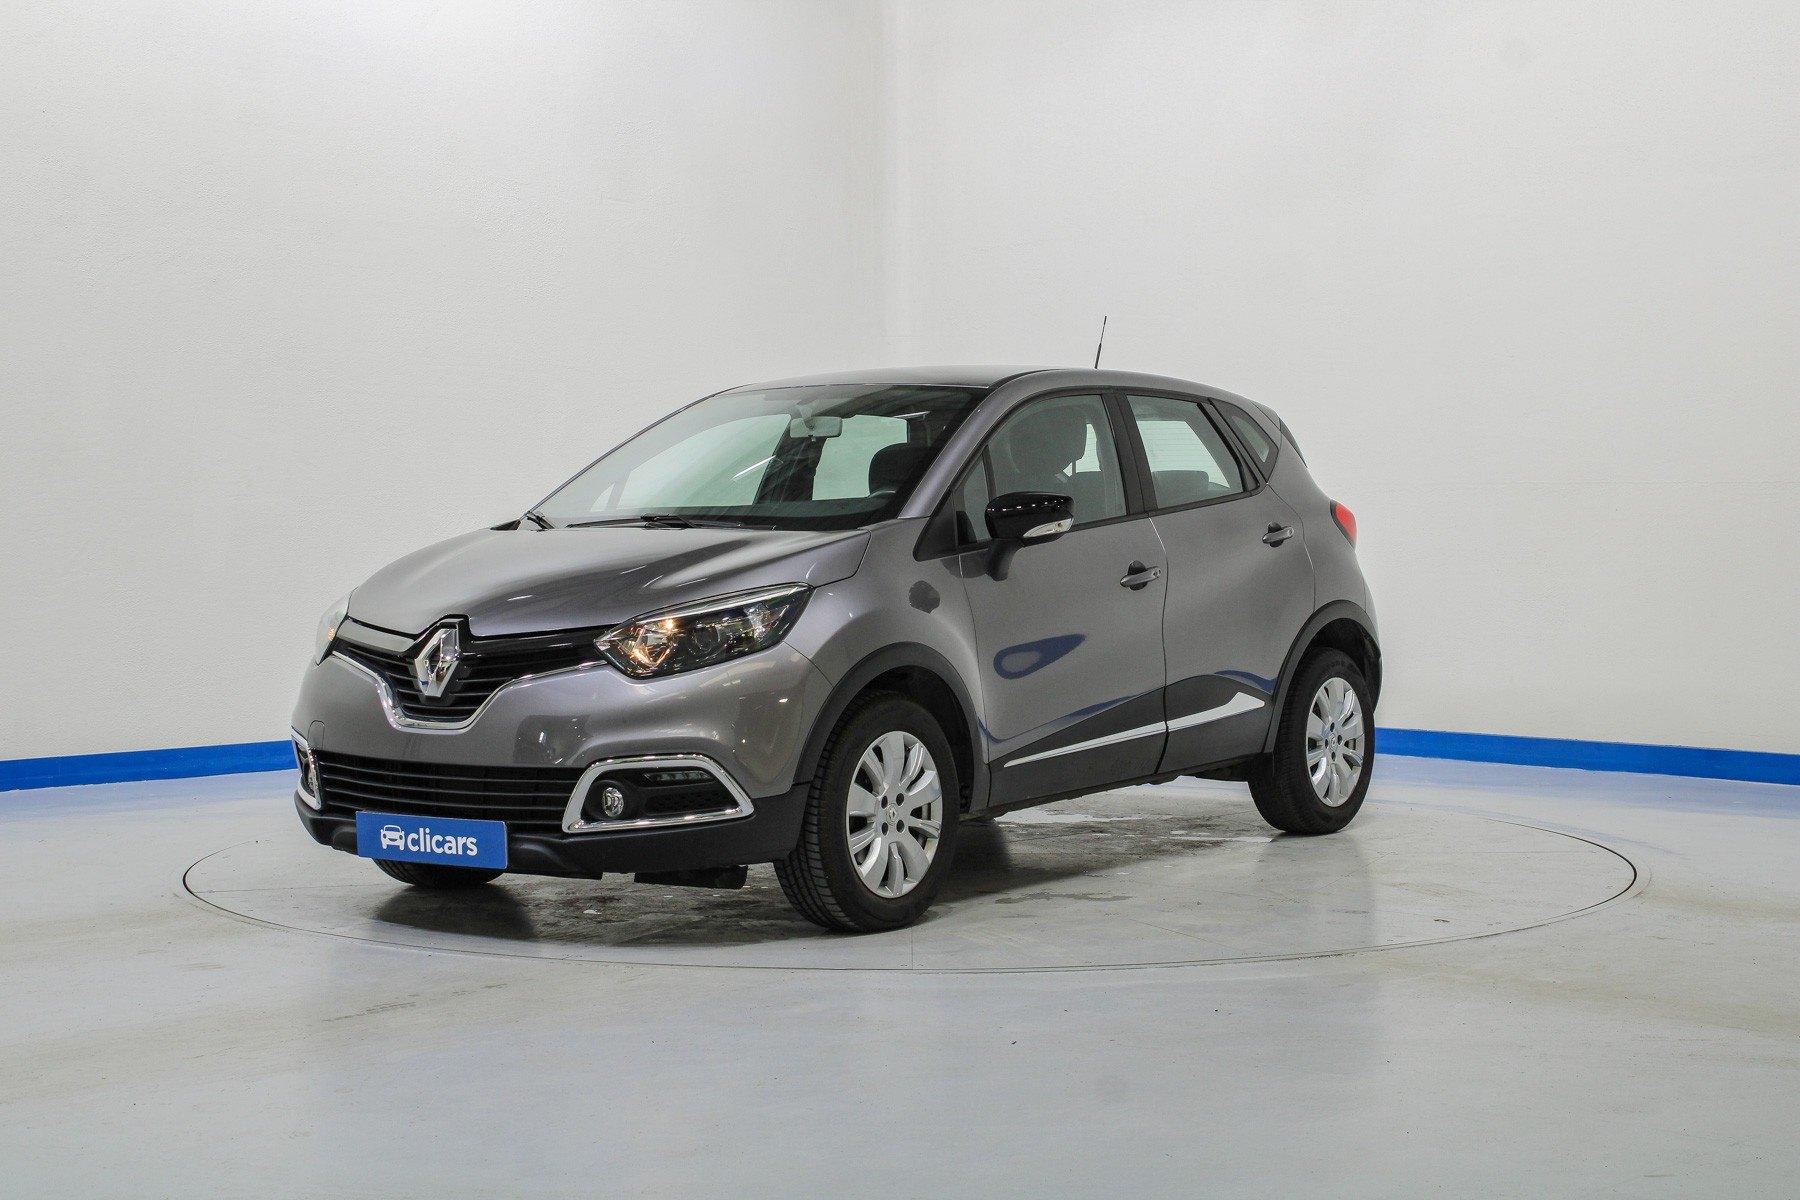 Renault Captur Diésel Intens Energy dCi 66kW (90CV) eco2 1